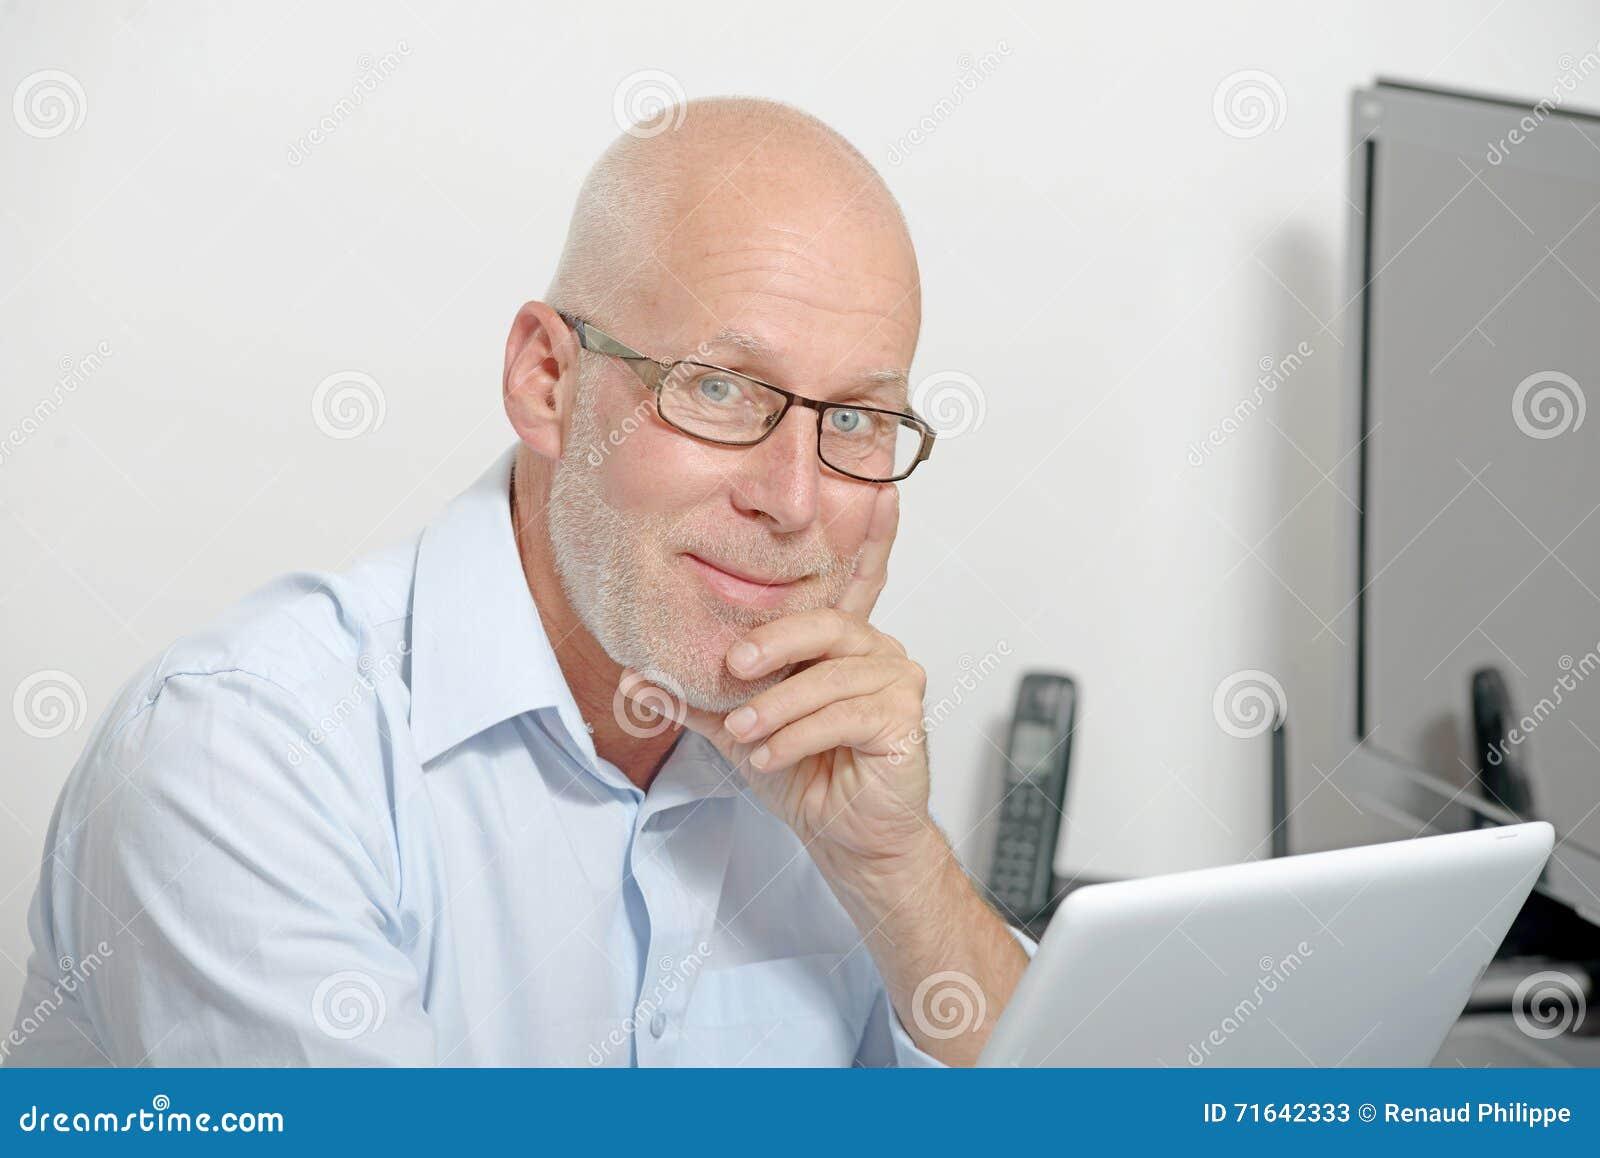 Retrato de um homem de meia idade com uma tabuleta digital